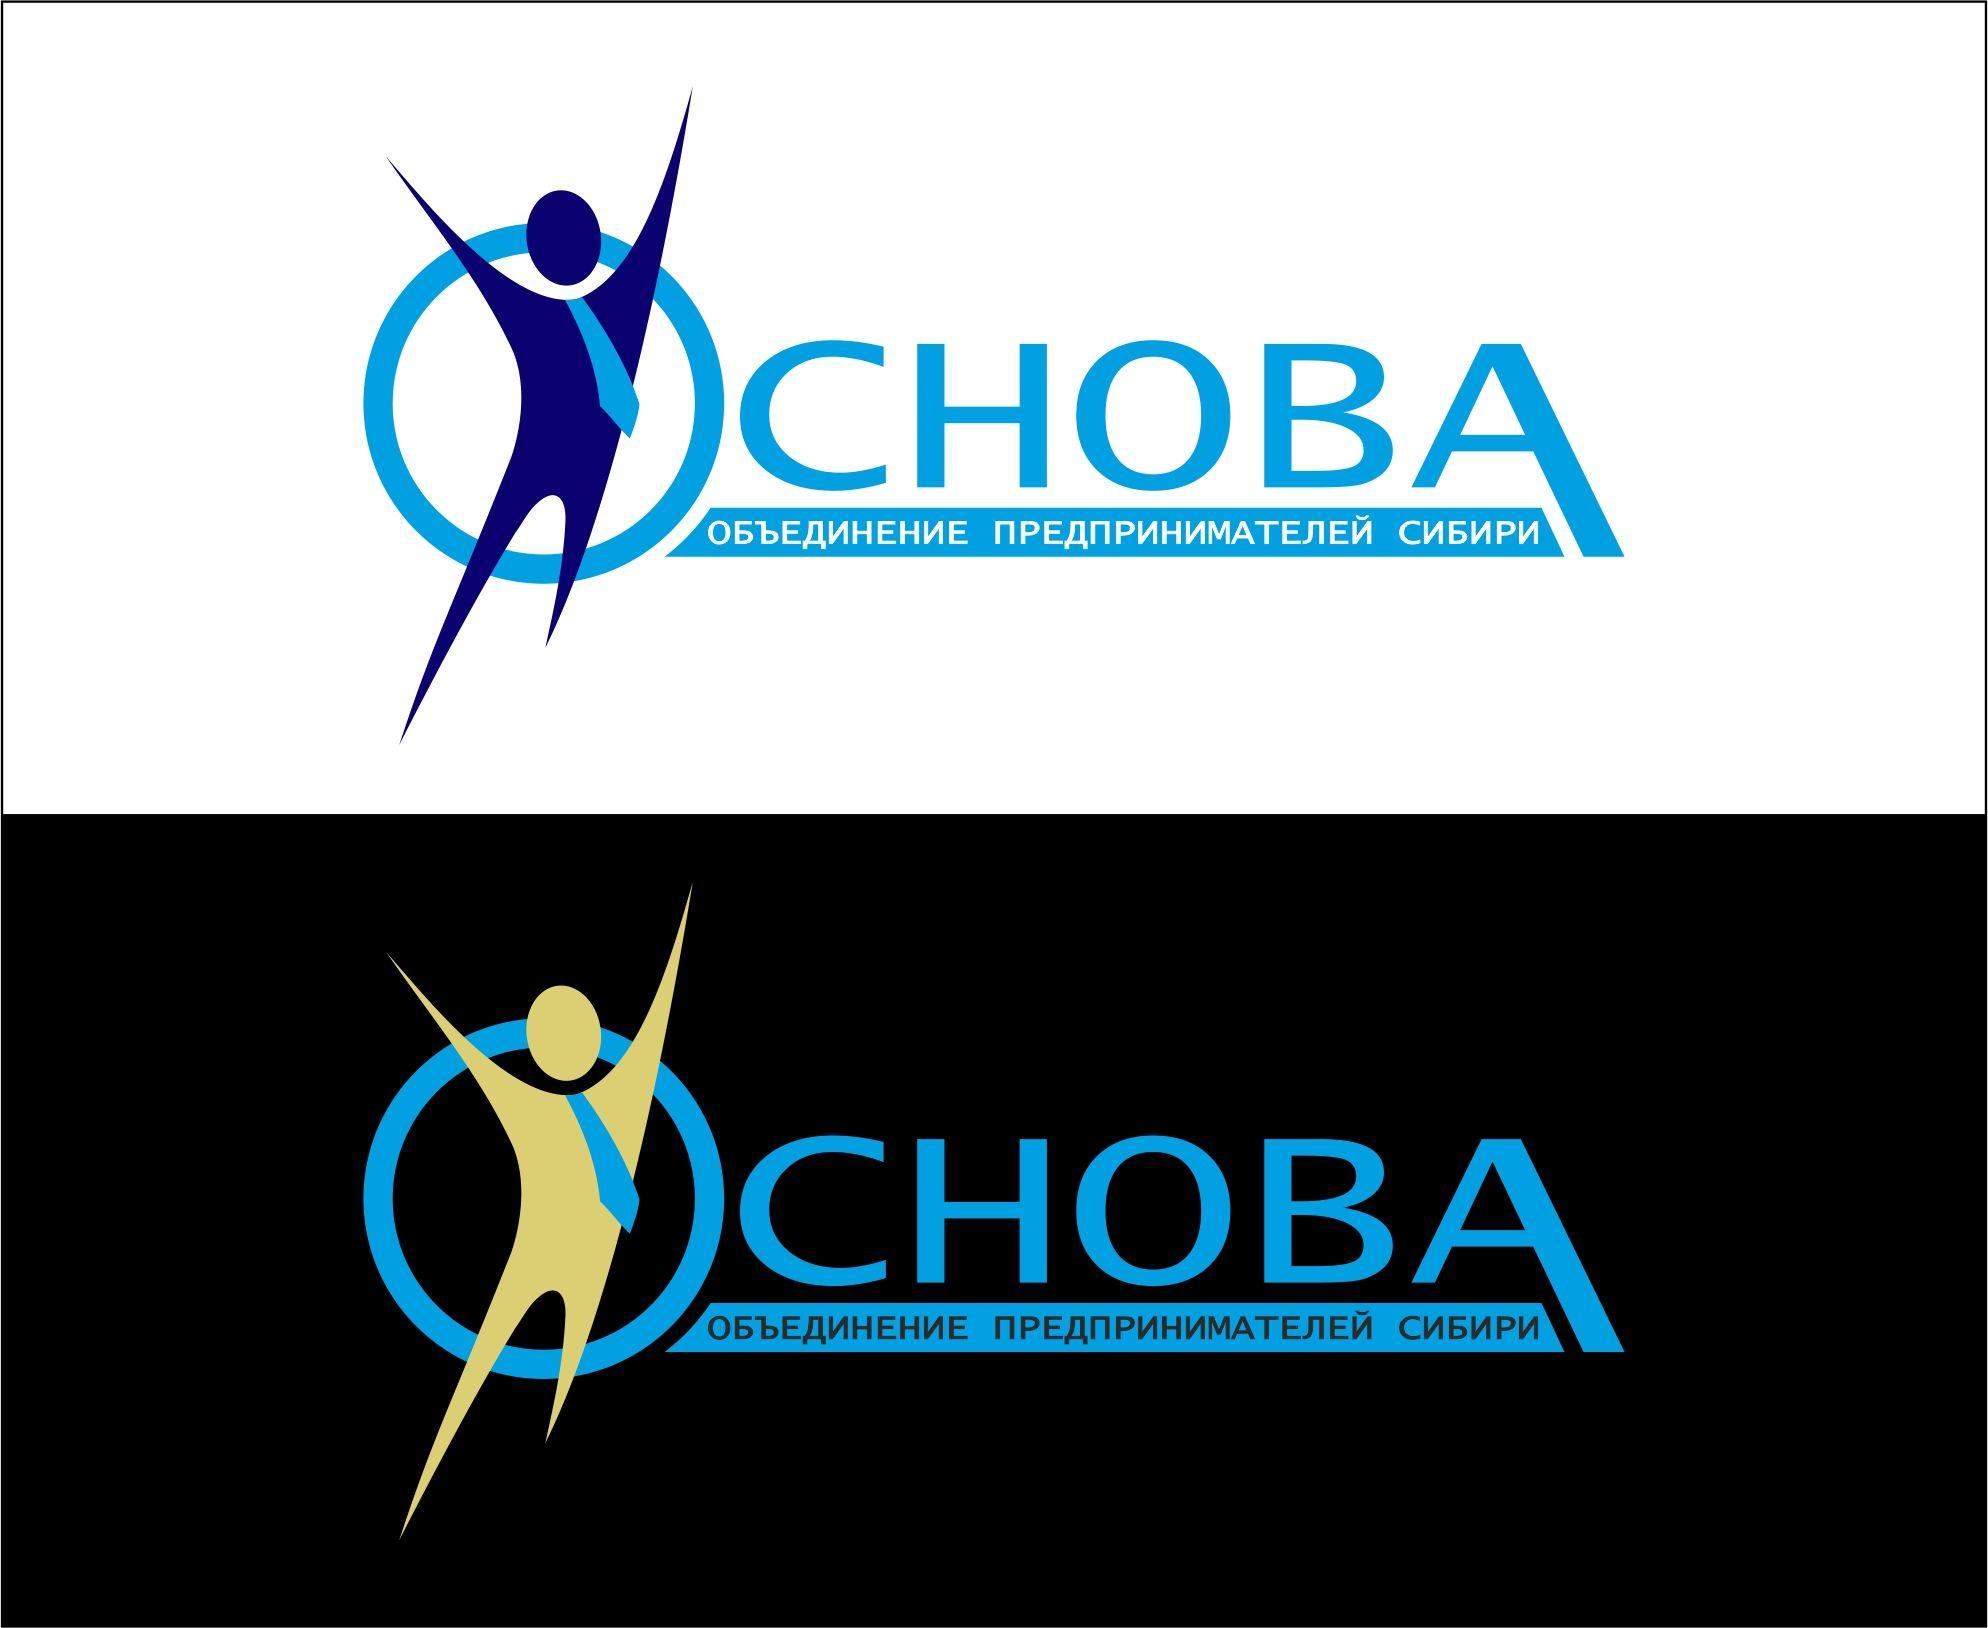 Логотип для Объединения предпринимателей - дизайнер INTRO